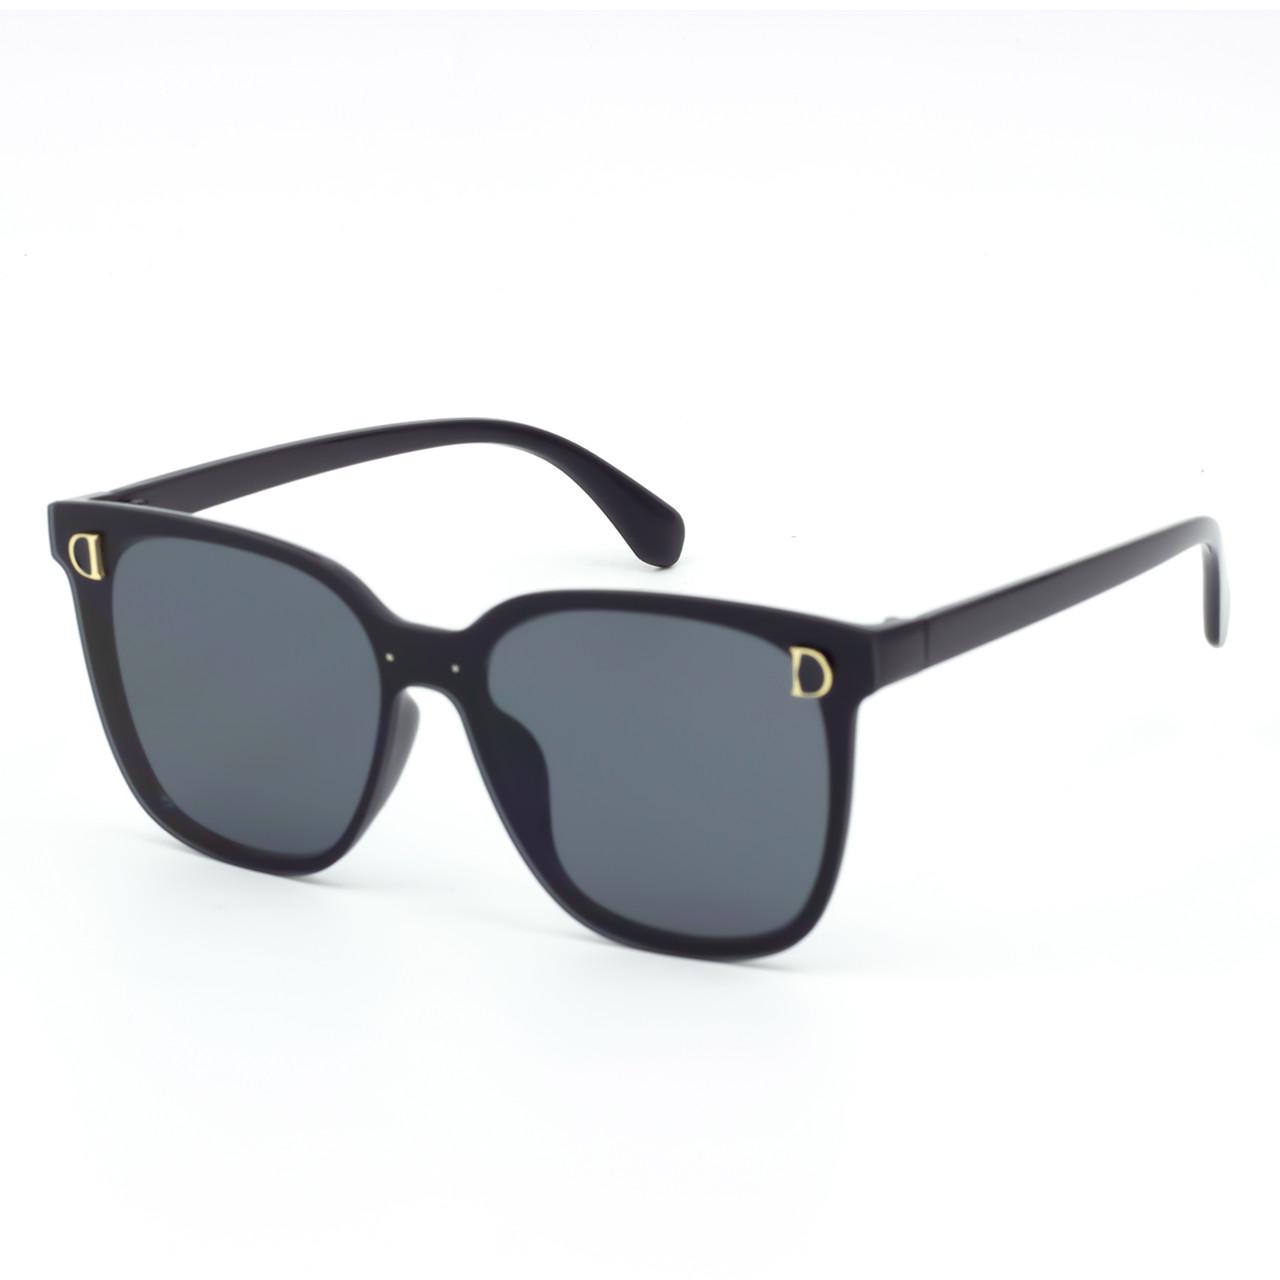 Солнцезащитные очки Marmilen 9115 C1 черные     ( KA9115-01 )